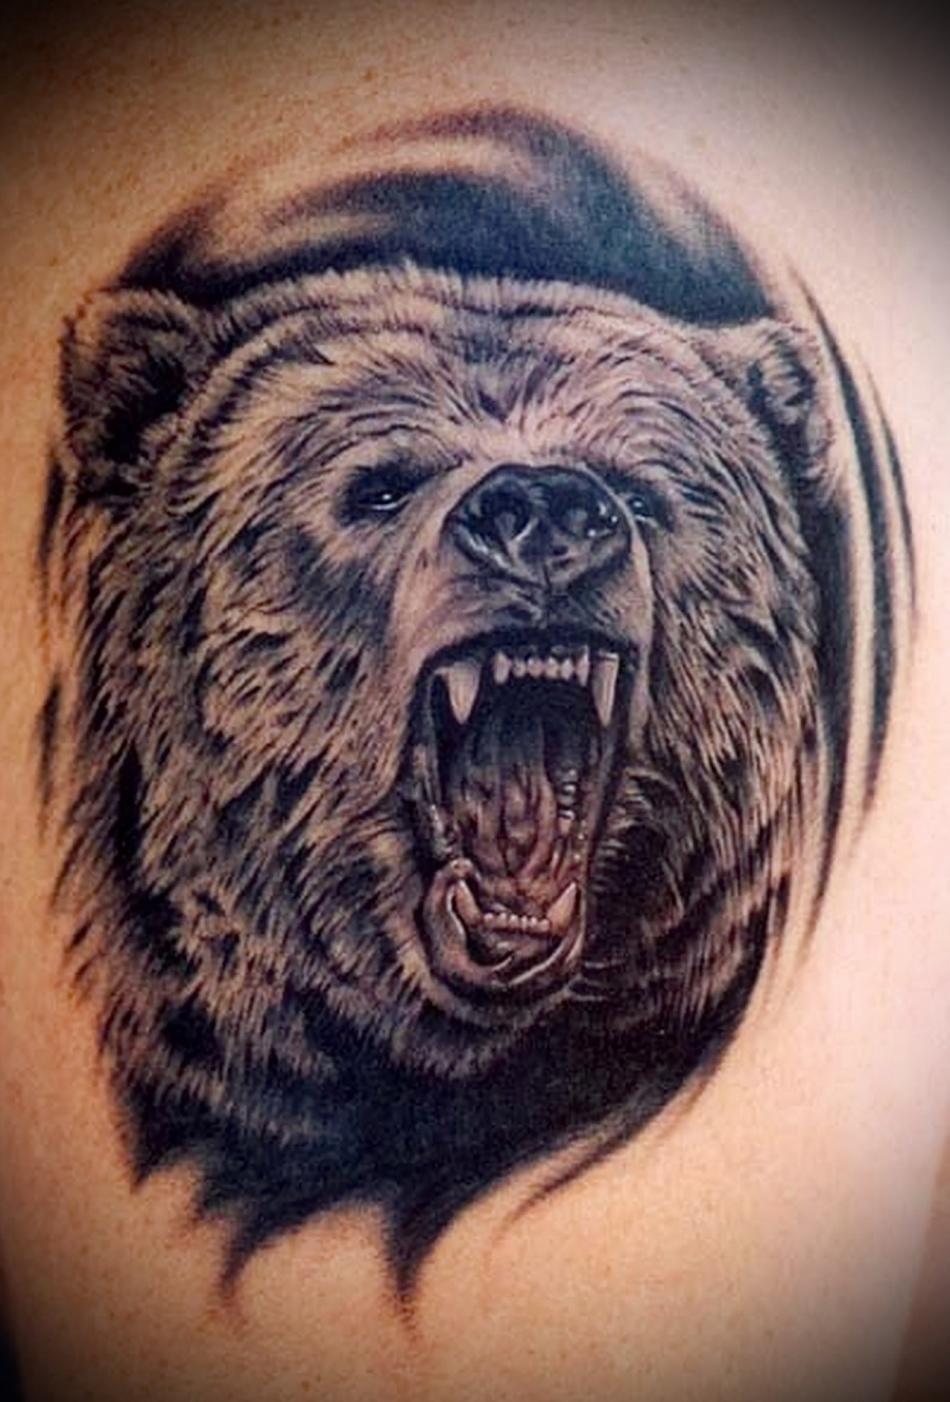 medved-v-kachestve-tyuremnoi-tatuirovki.jpg